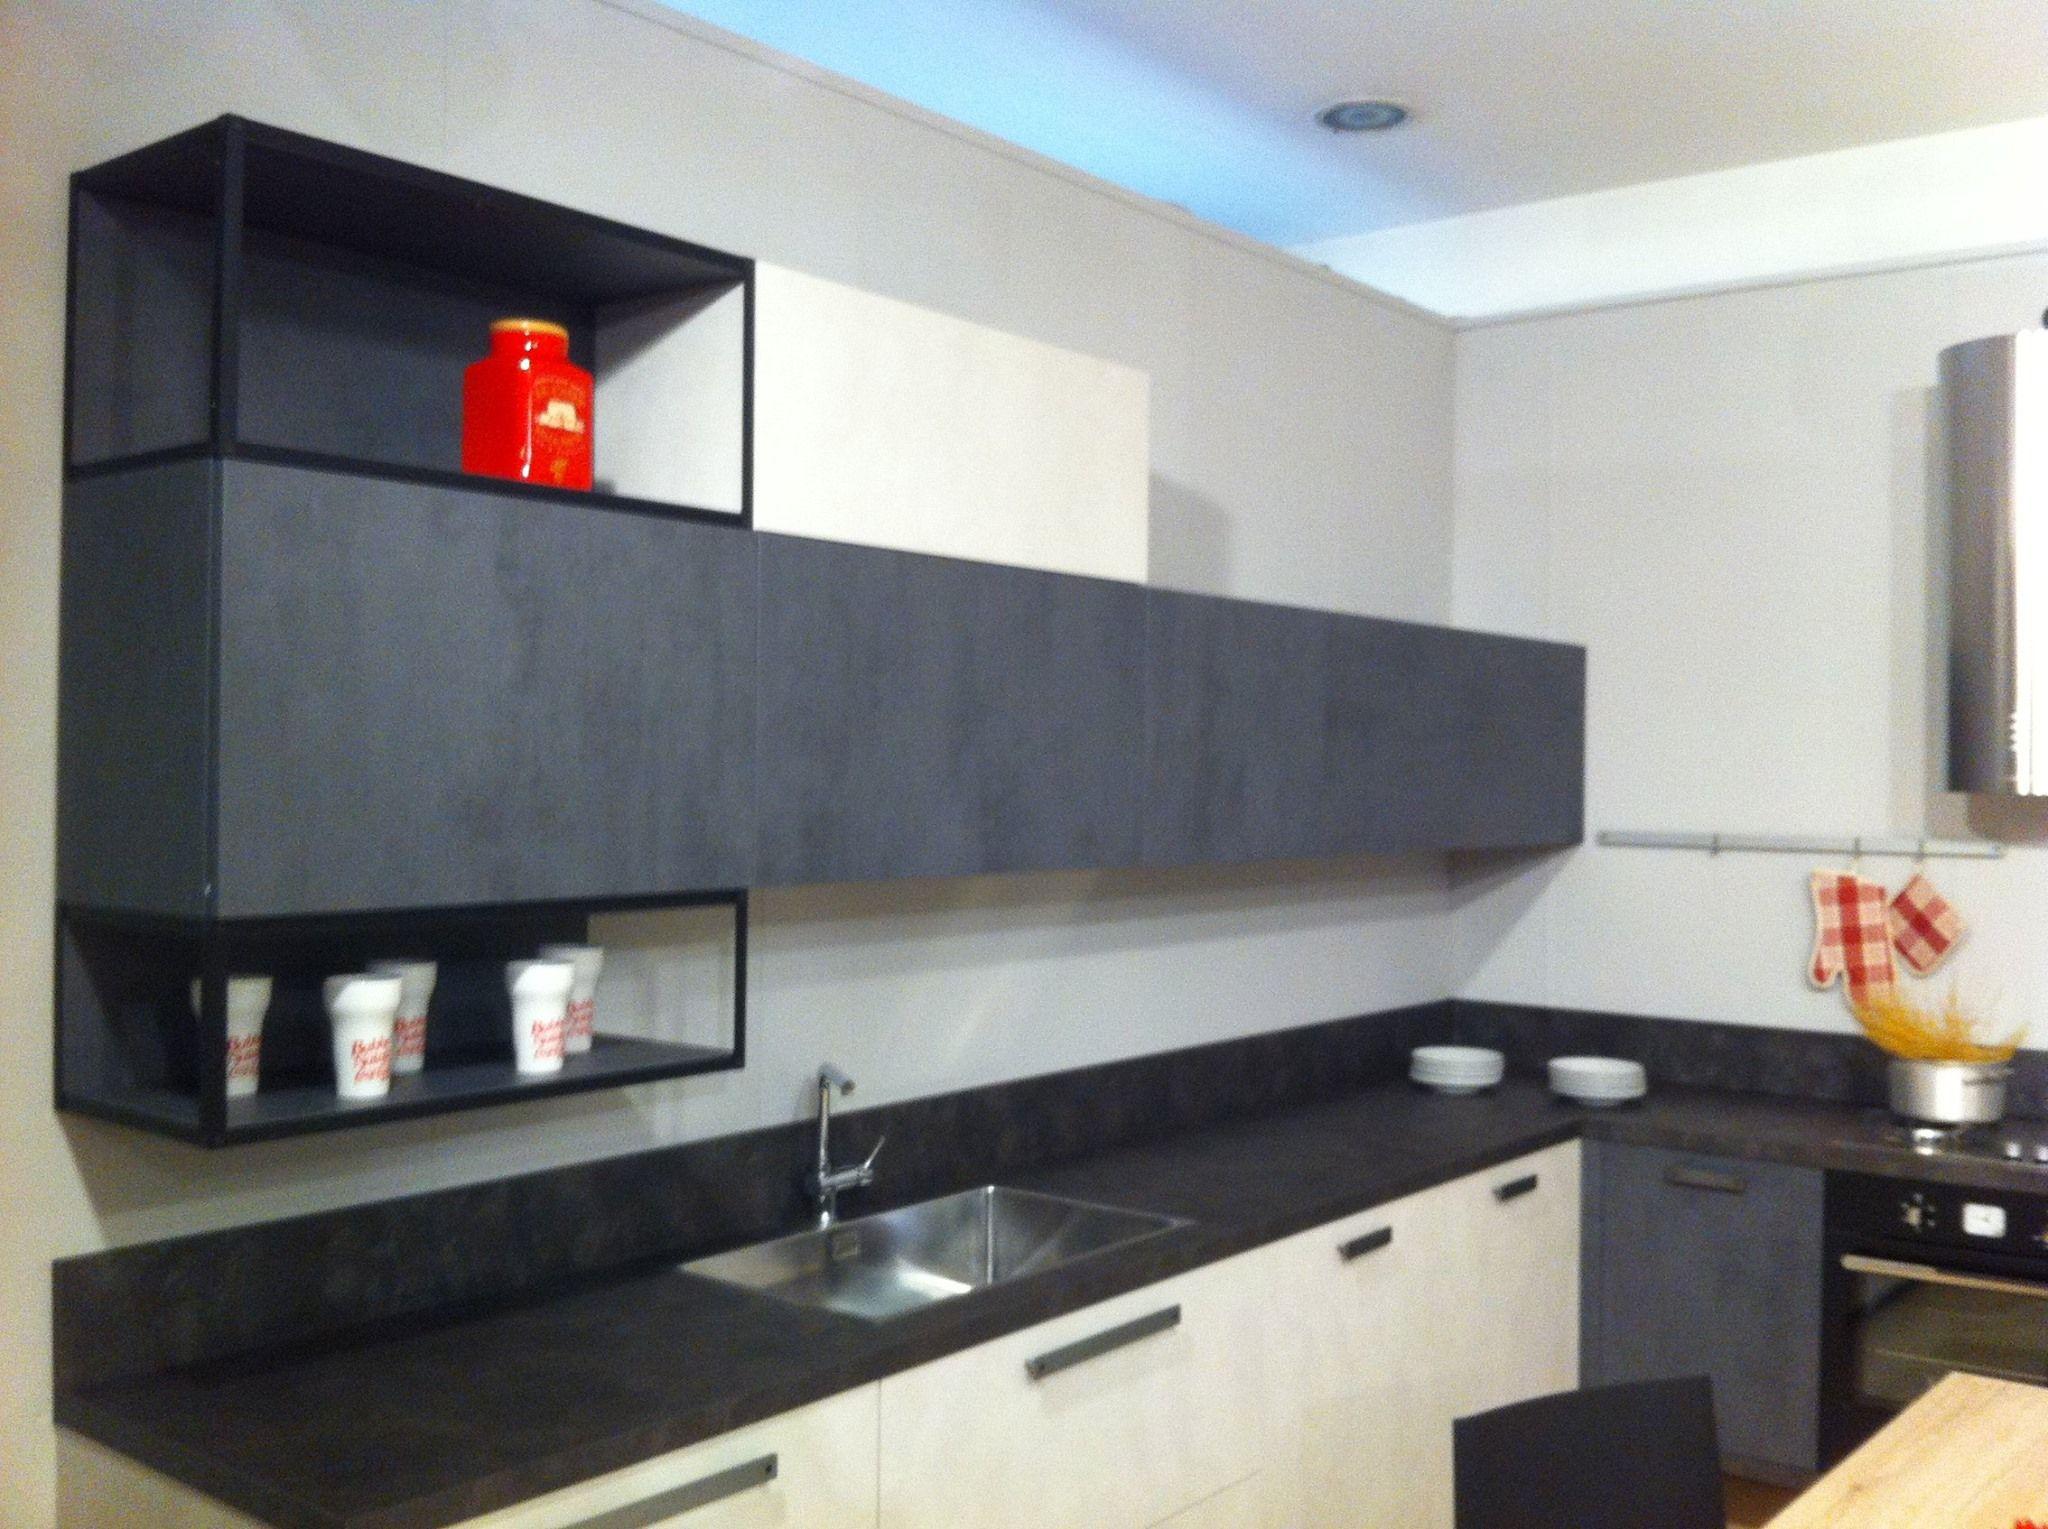 Nuova offerta nuova cucina con design metropolitano schio